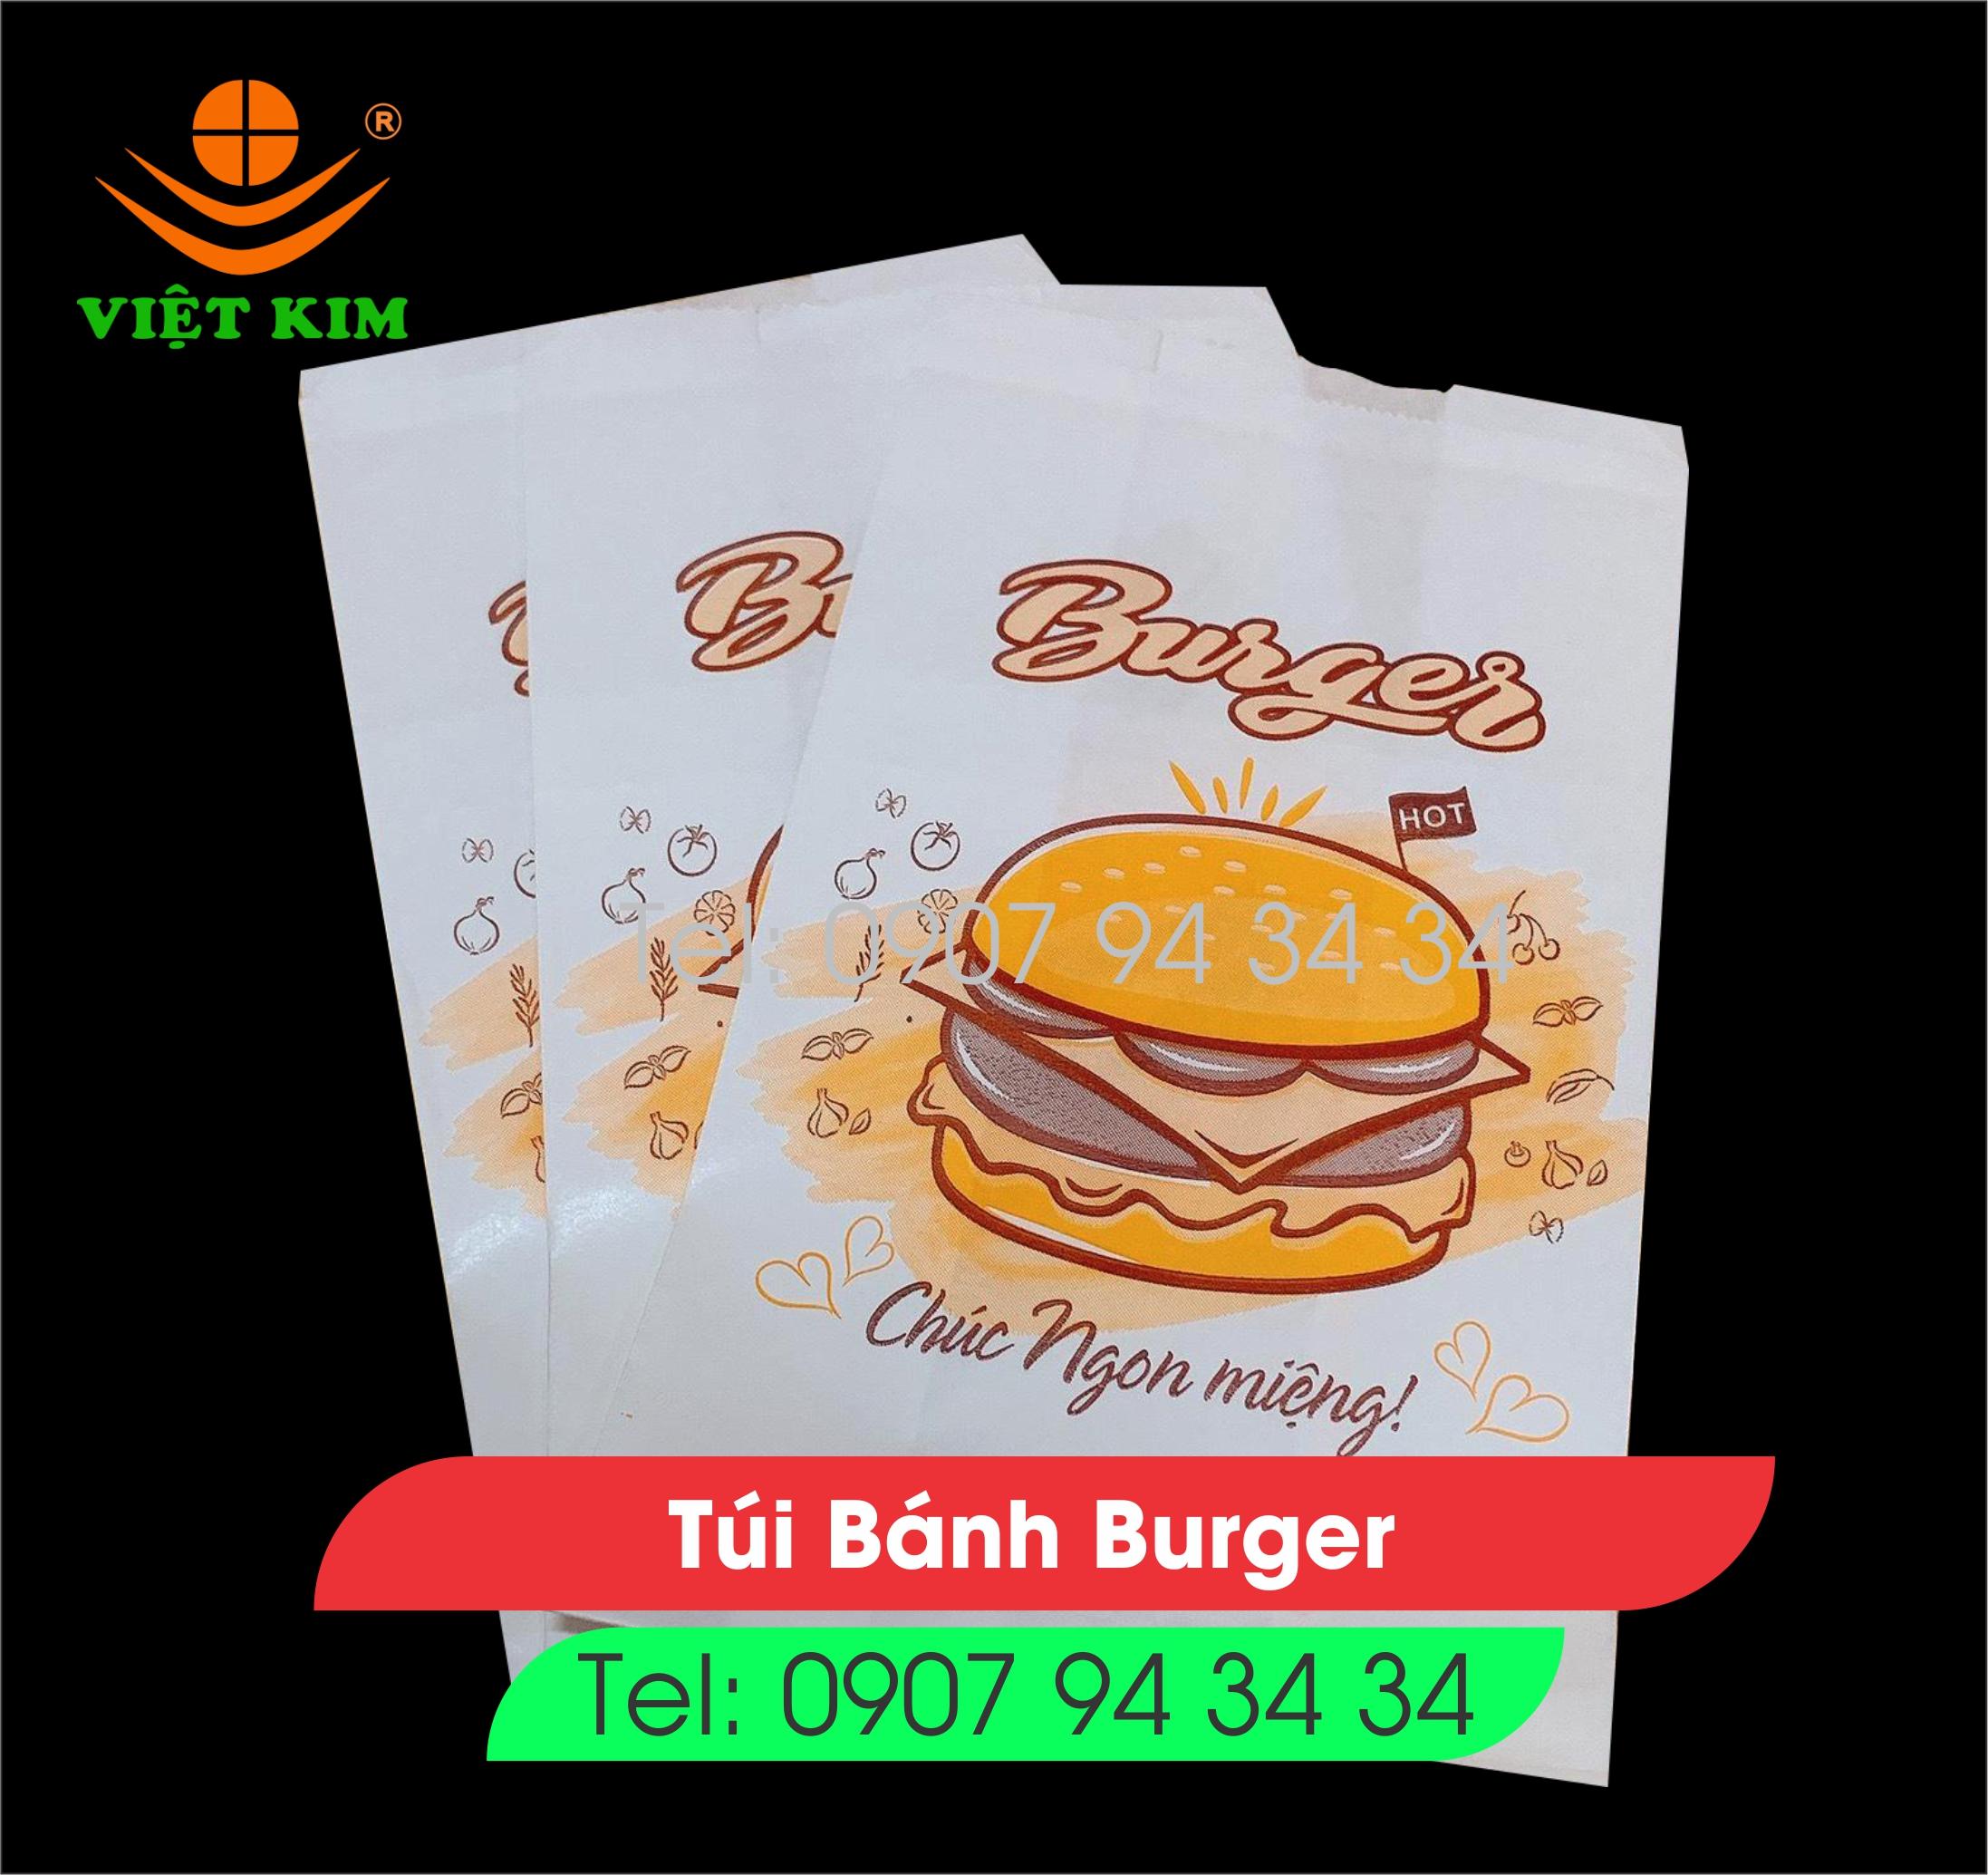 túi bánh bao - túi giấy đựng bánh bao - túi gà rán - túi burger